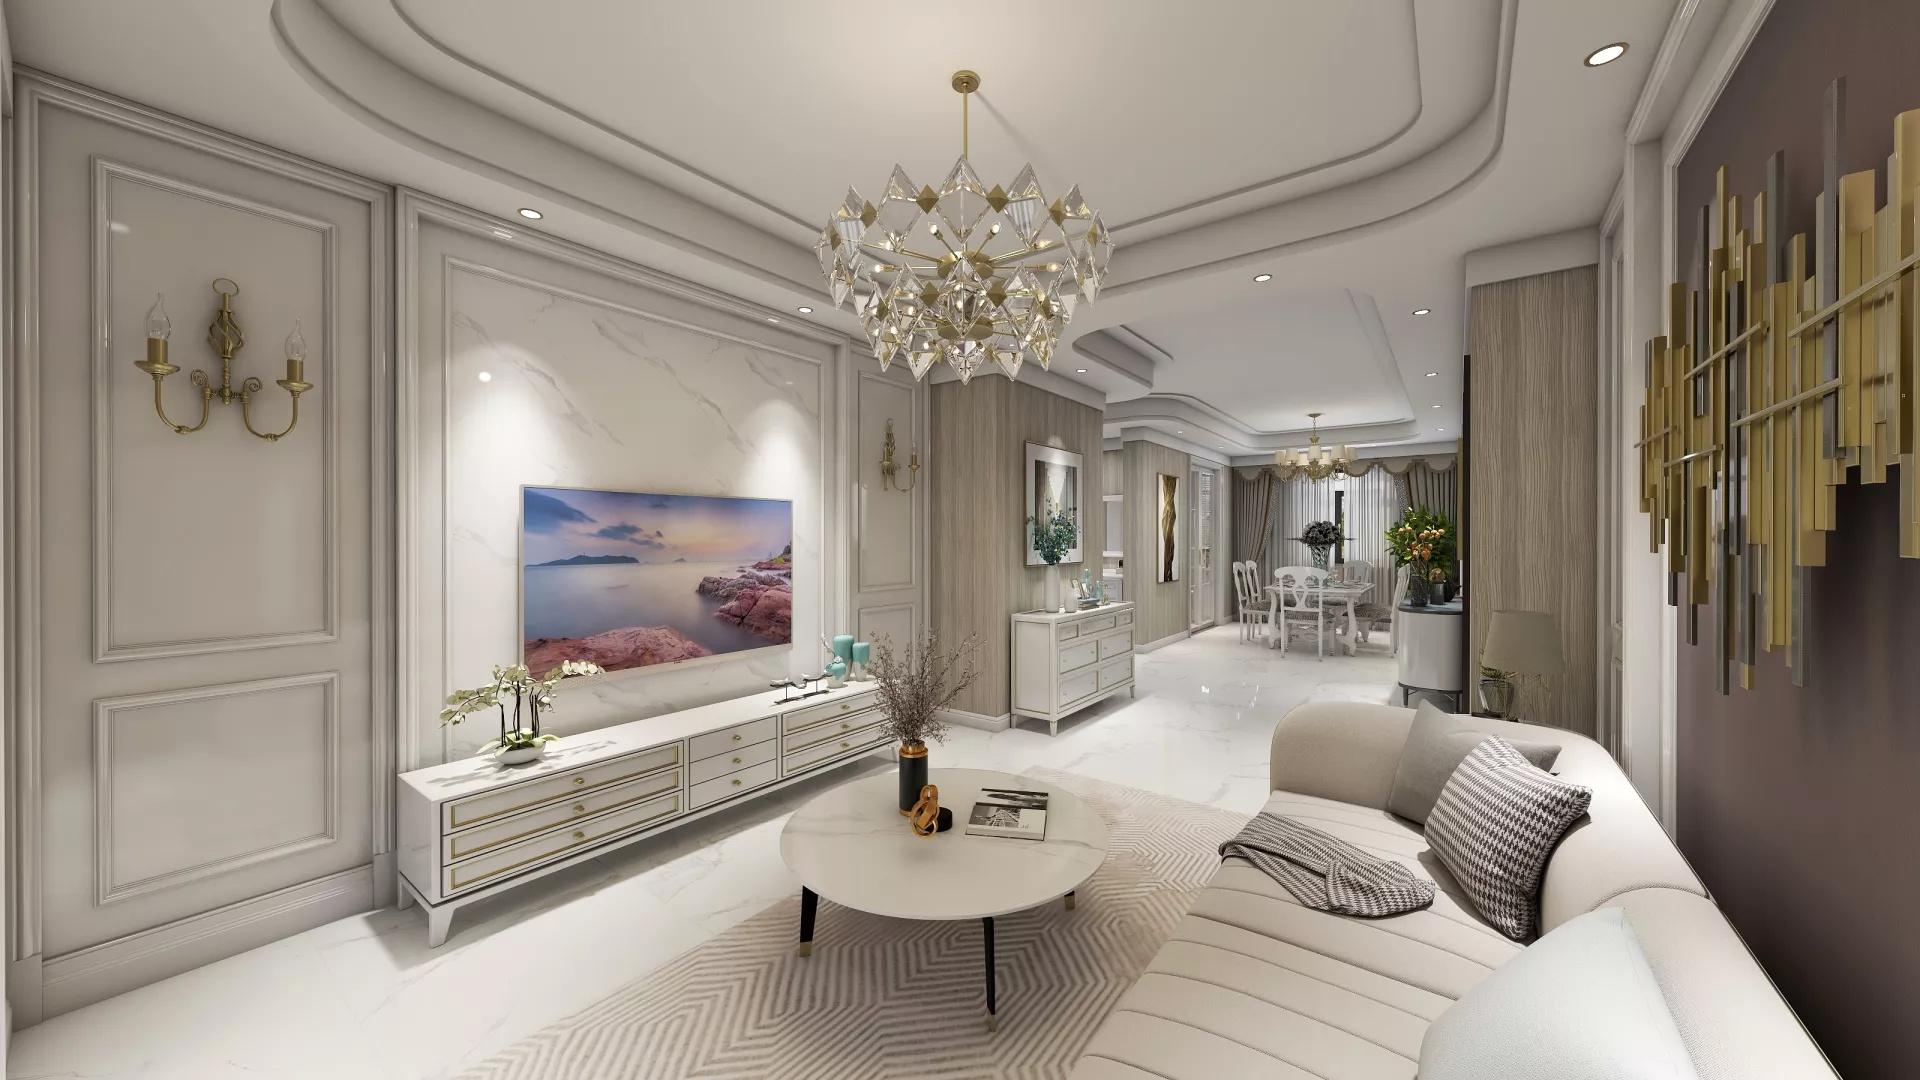 120平米装修富裕大气型客厅装修效果图